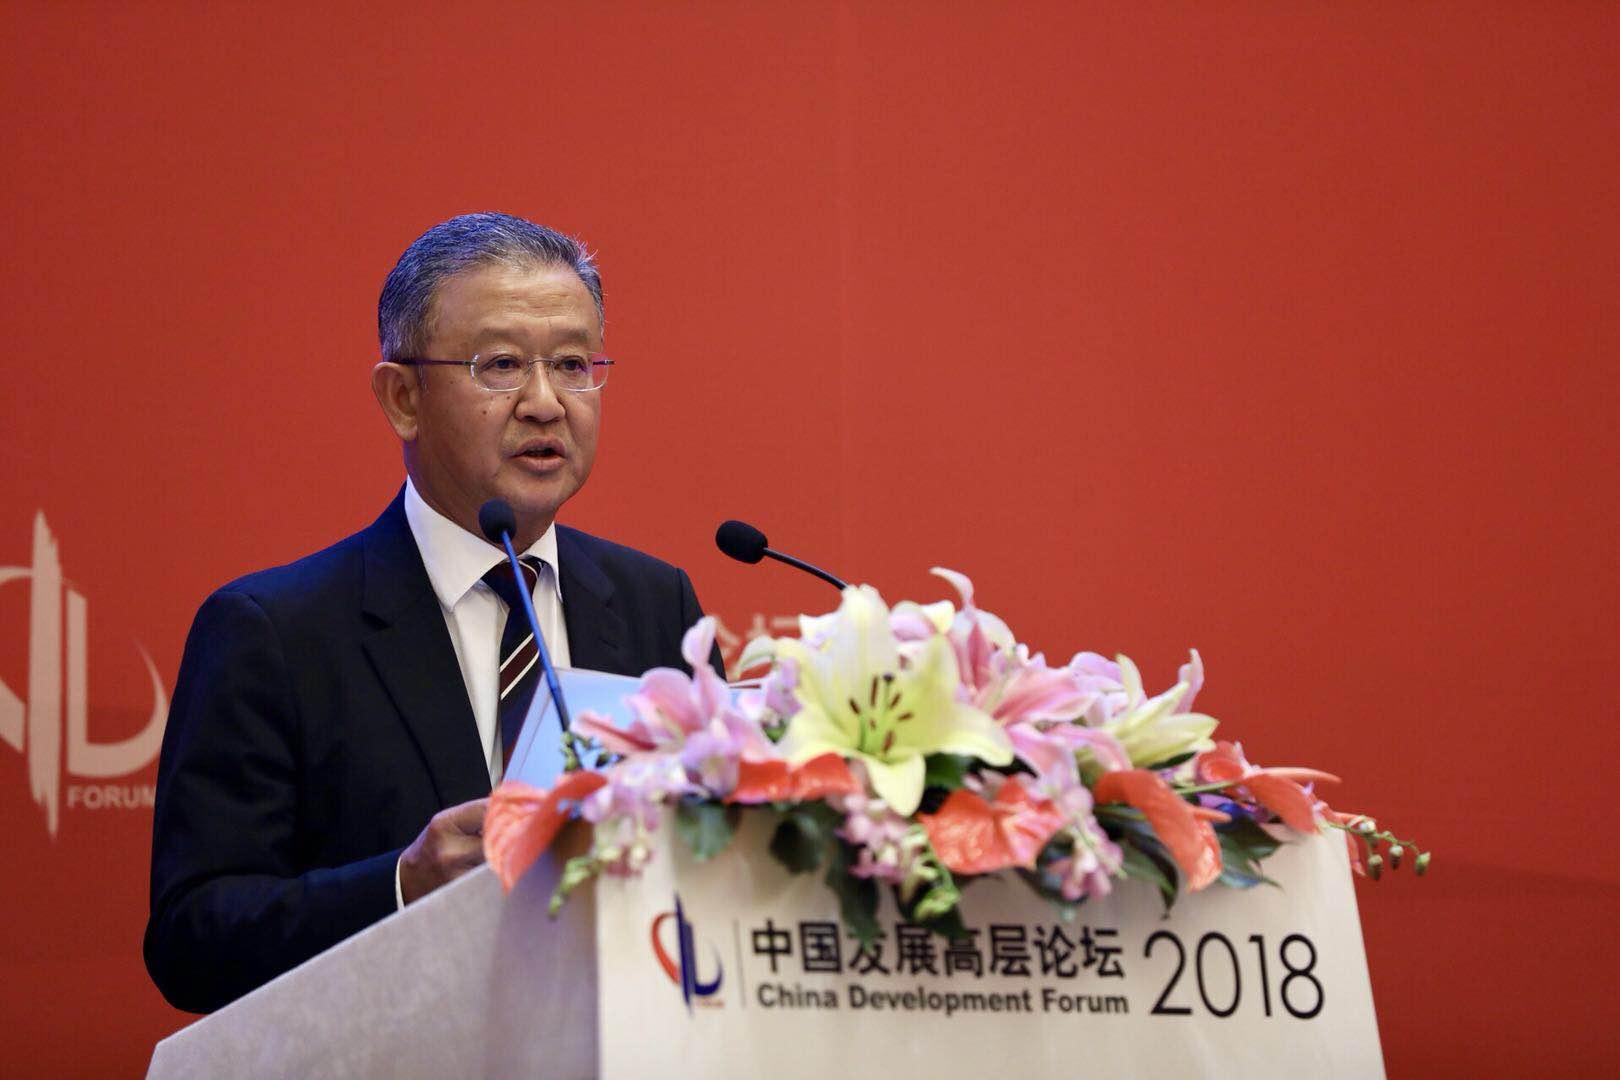 首席执行官_友邦保险控股有限公司集团首席执行官,总裁黄经辉发言